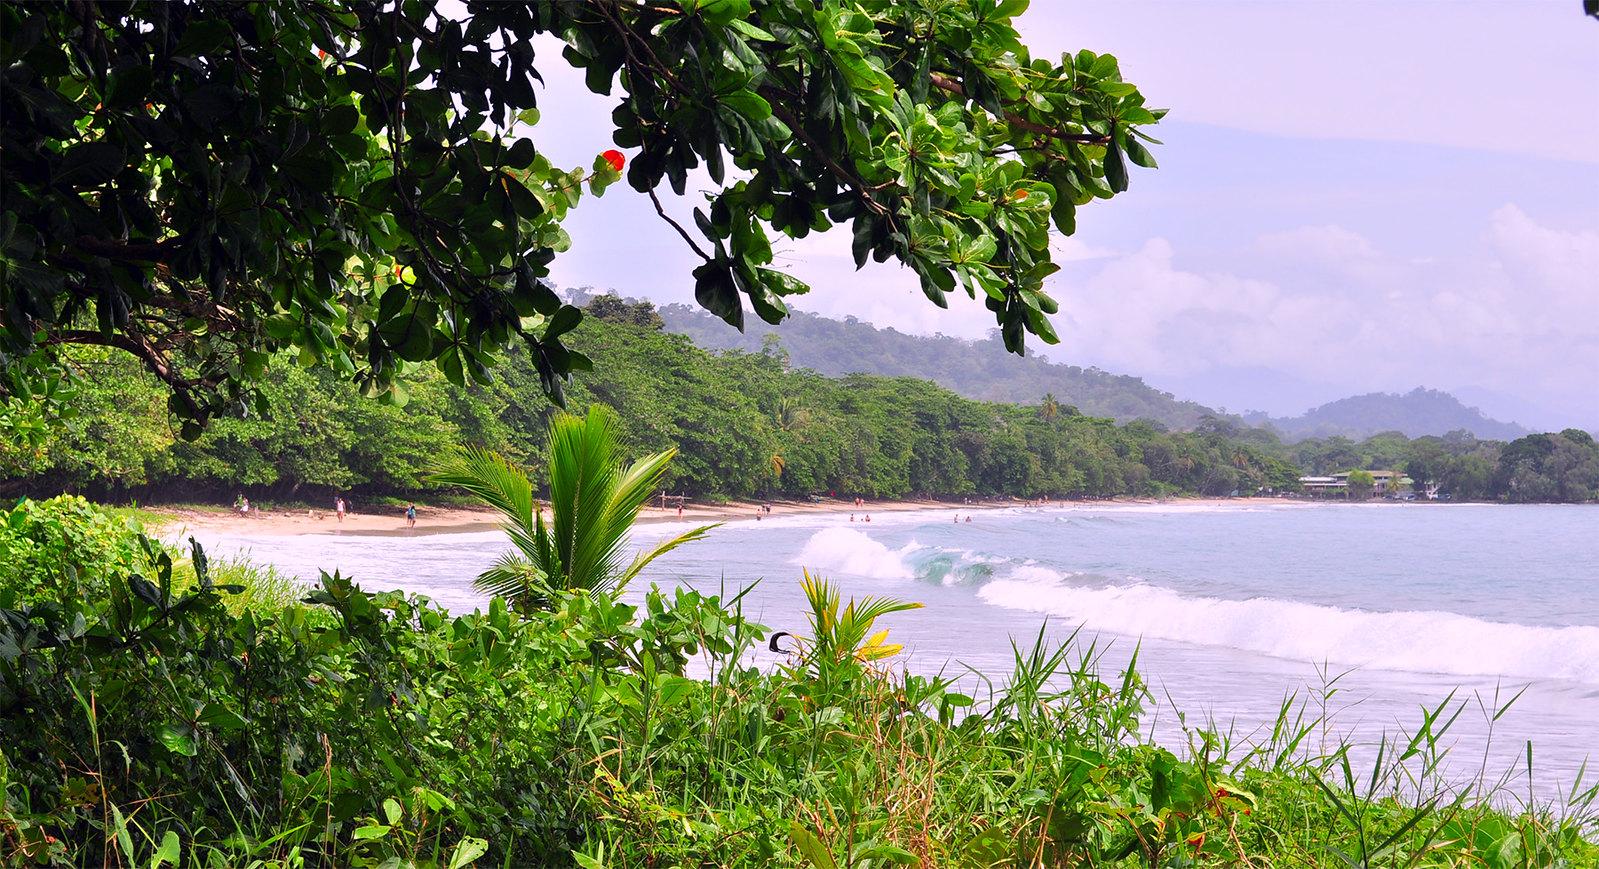 Viajar a Costa Rica / Ruta por Costa Rica en 3 semanas ruta por costa rica - 24377762568 306ca85a80 h - Ruta por Costa Rica en 3 semanas